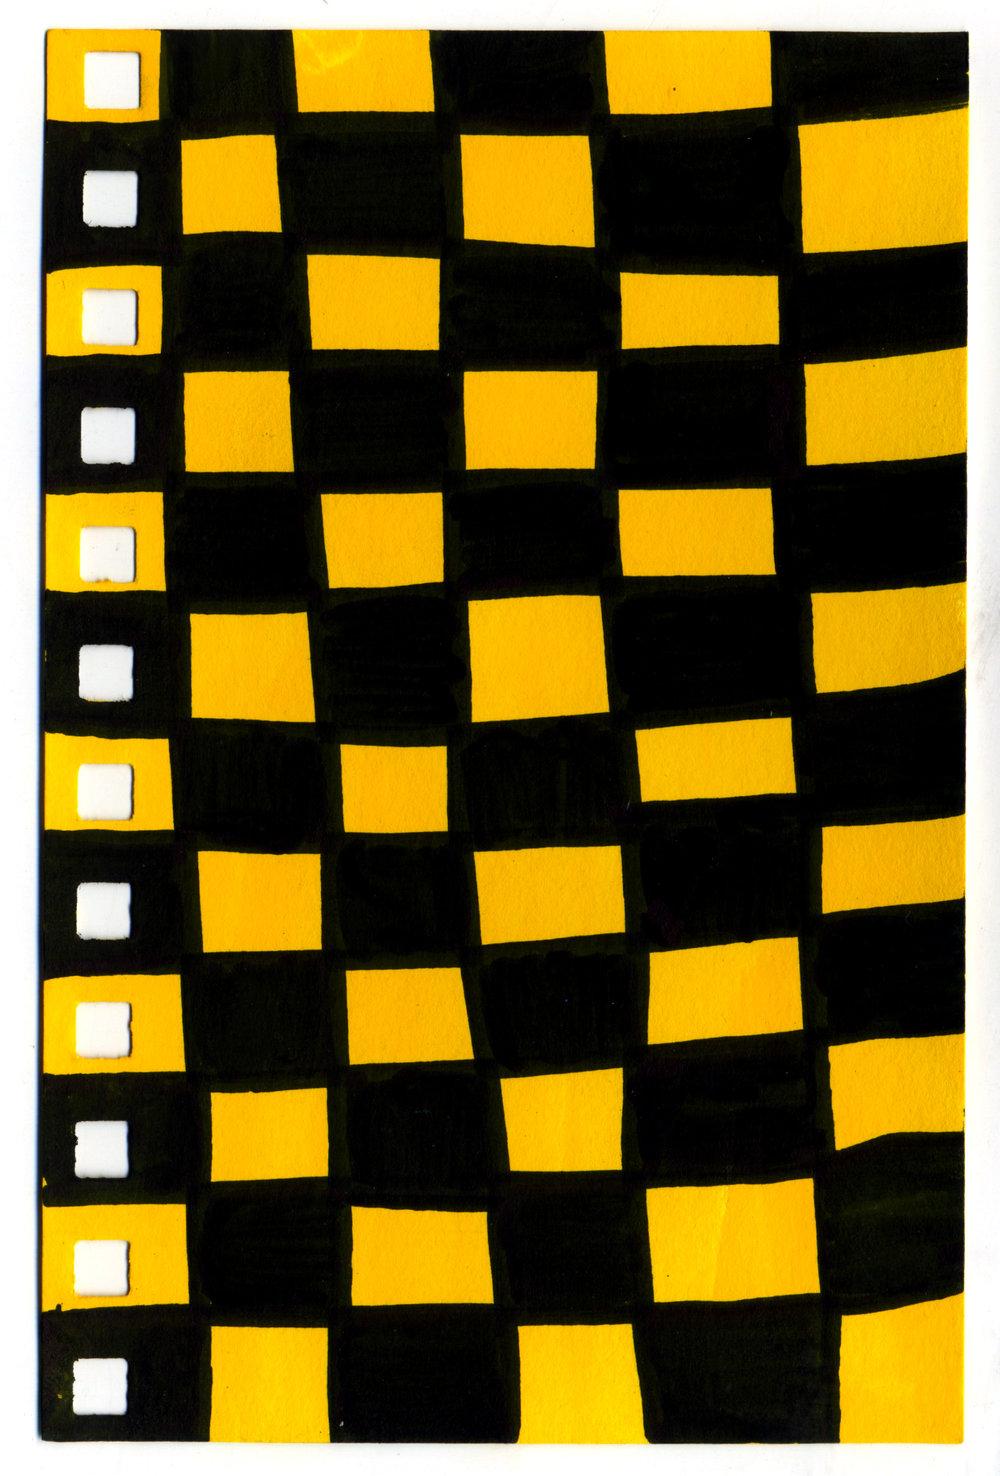 YellowCheckers.jpg